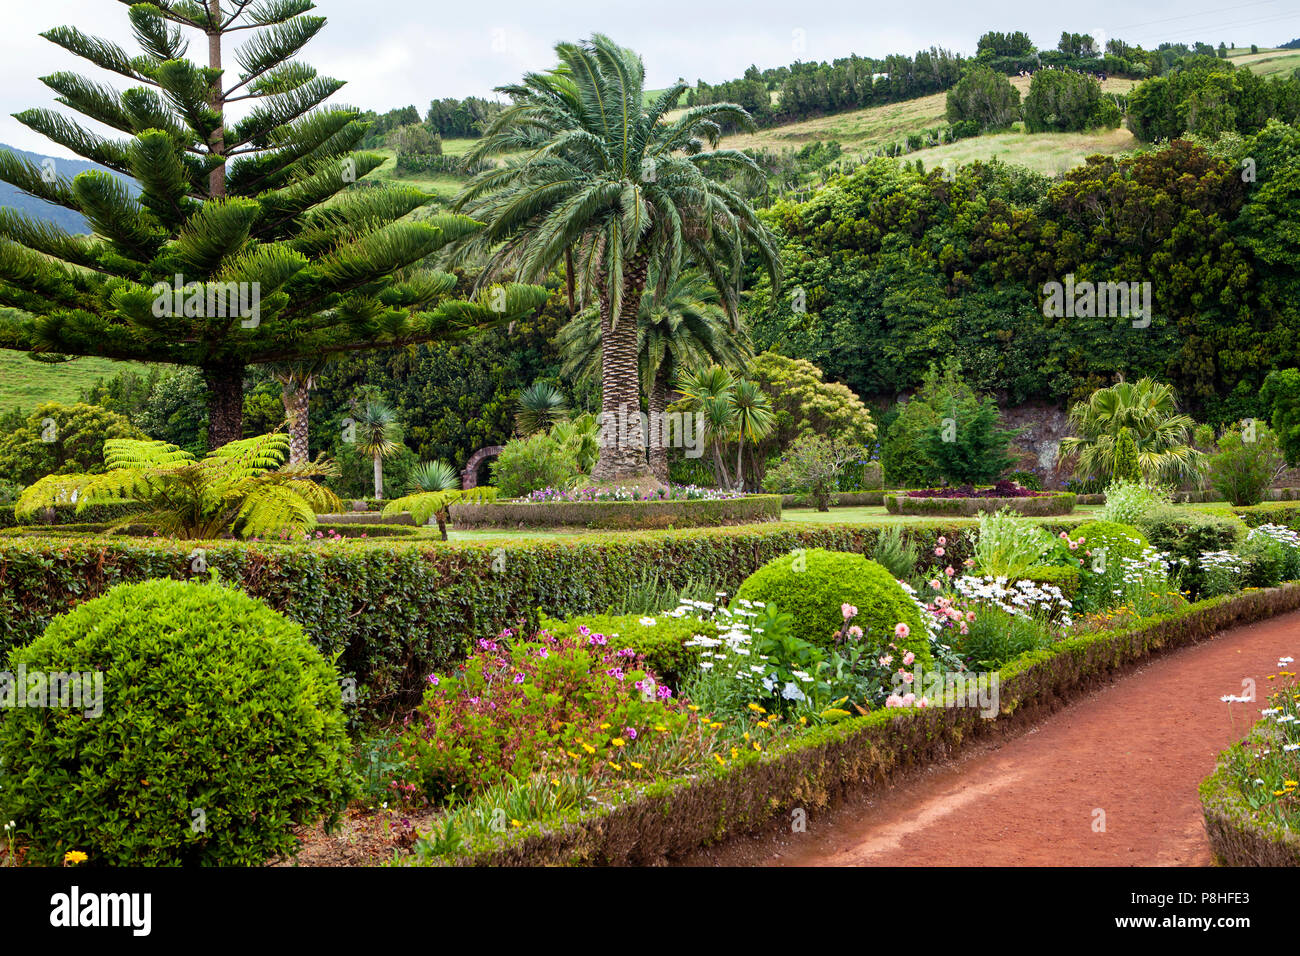 Vue des jardins à Ponta do Sossego, l'île de São Miguel, Açores, Portugal Photo Stock